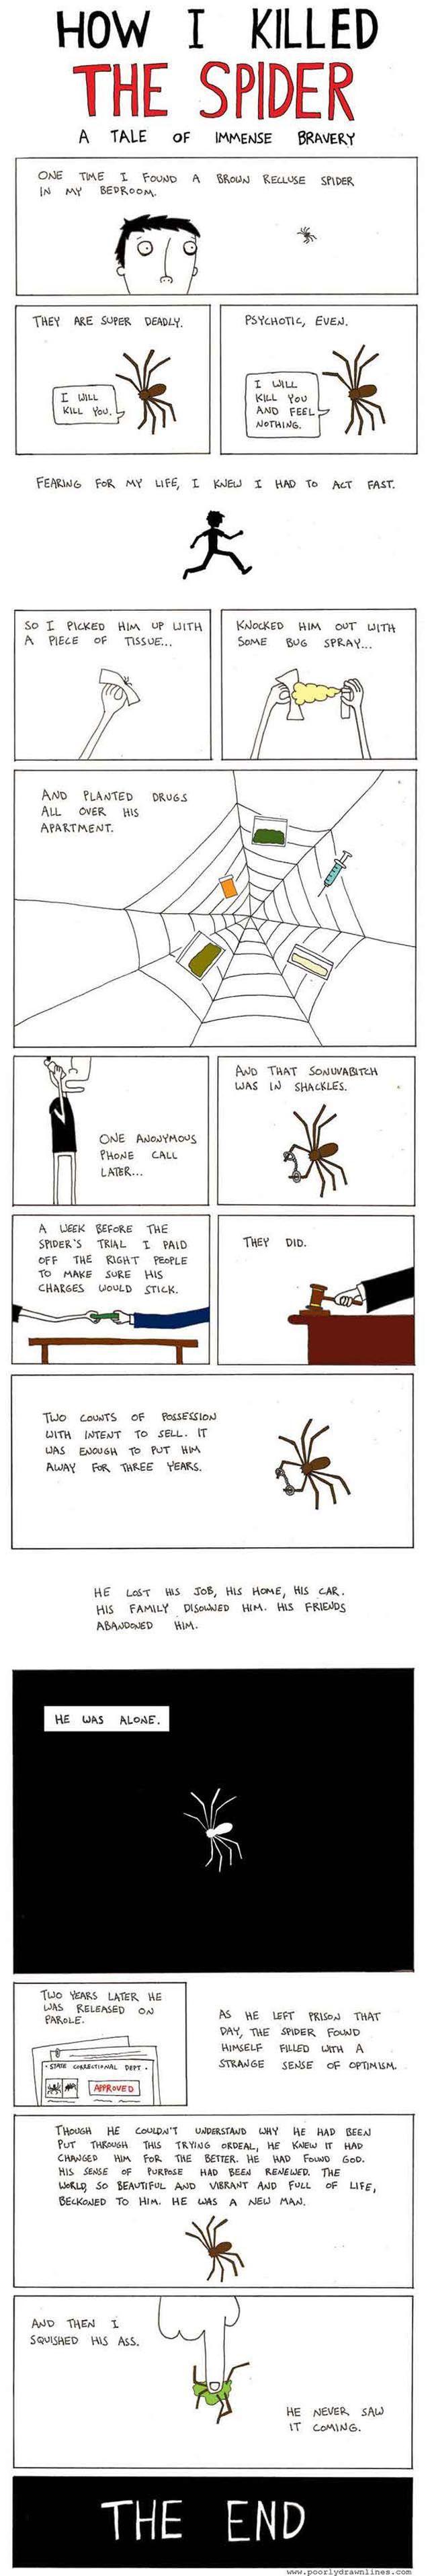 That Spider Got What It Deserved